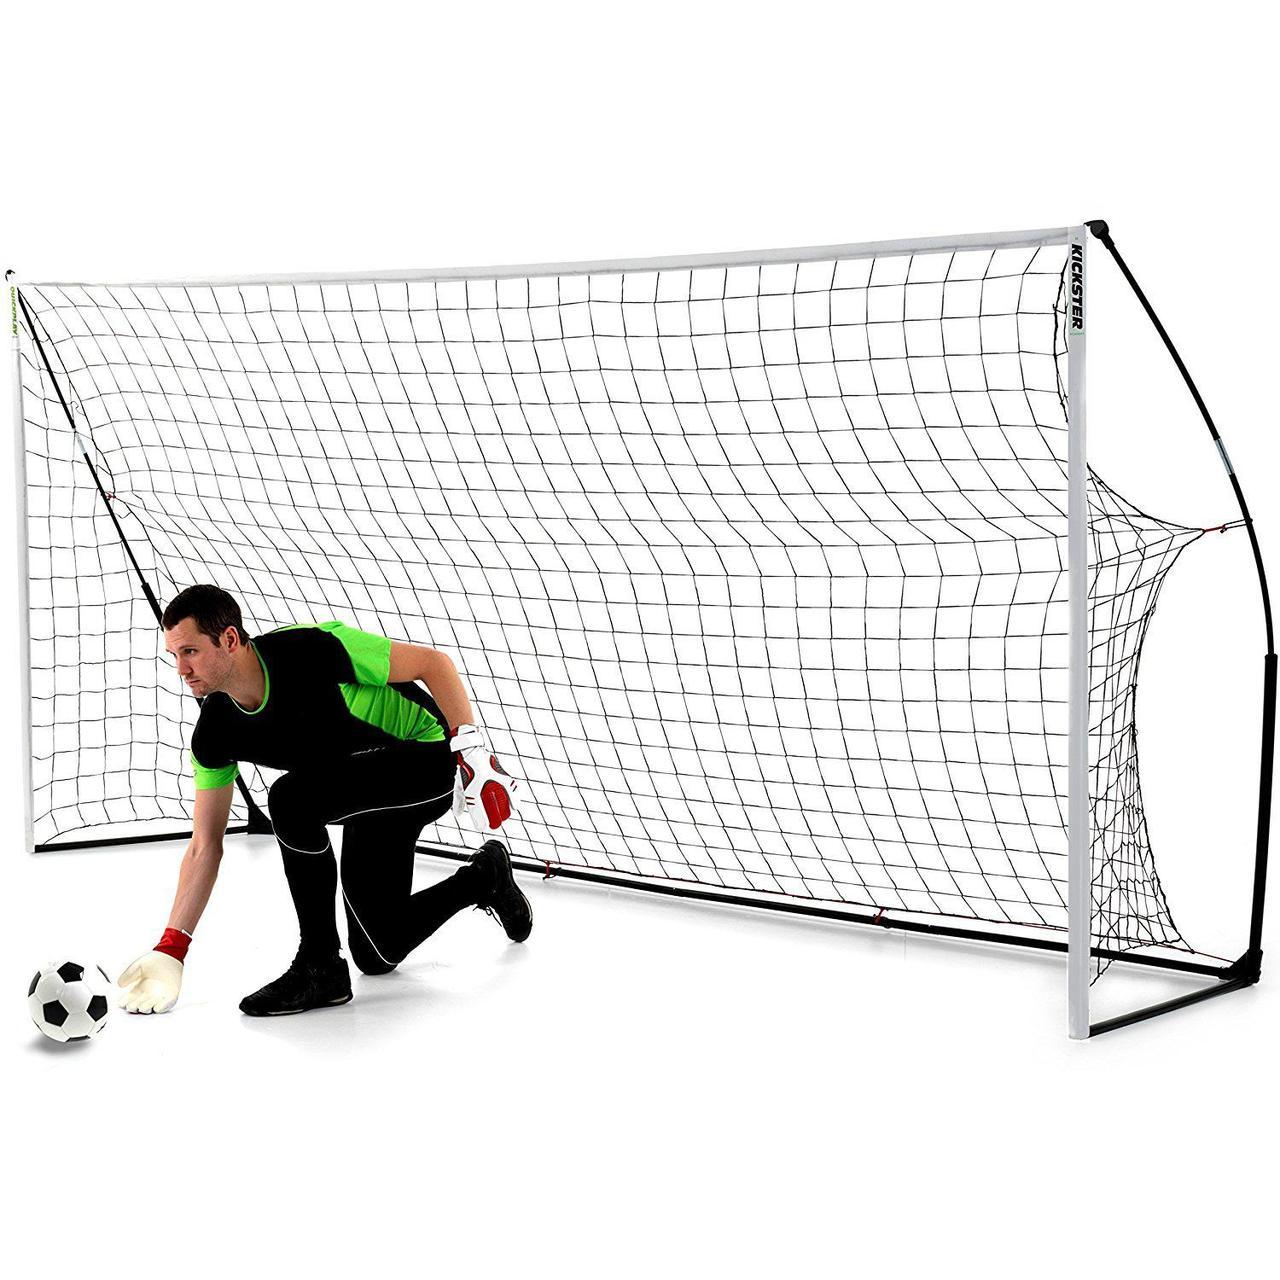 Тренировочные разборные ворота Quickplay Kickster Academy - 3,6 x 1,8 м